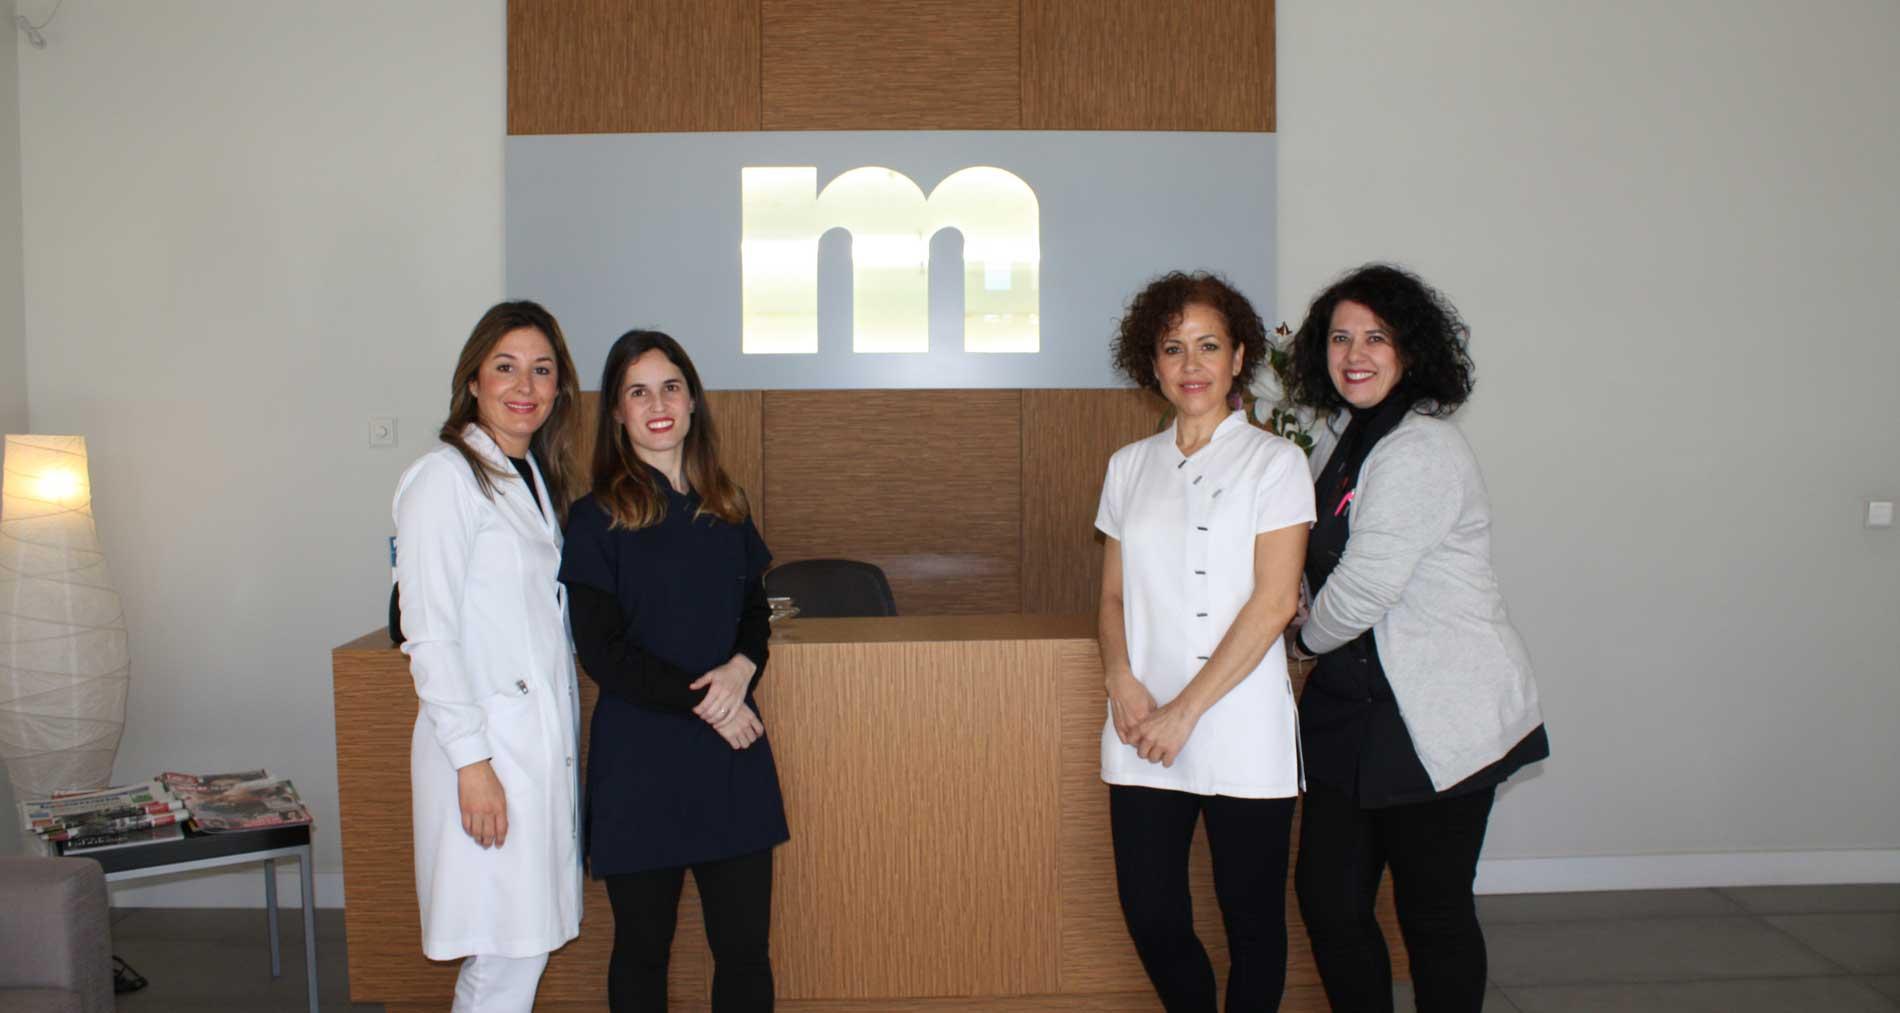 Clínica dental Dra Marta Nieto en Dos Hermanas, Sevilla